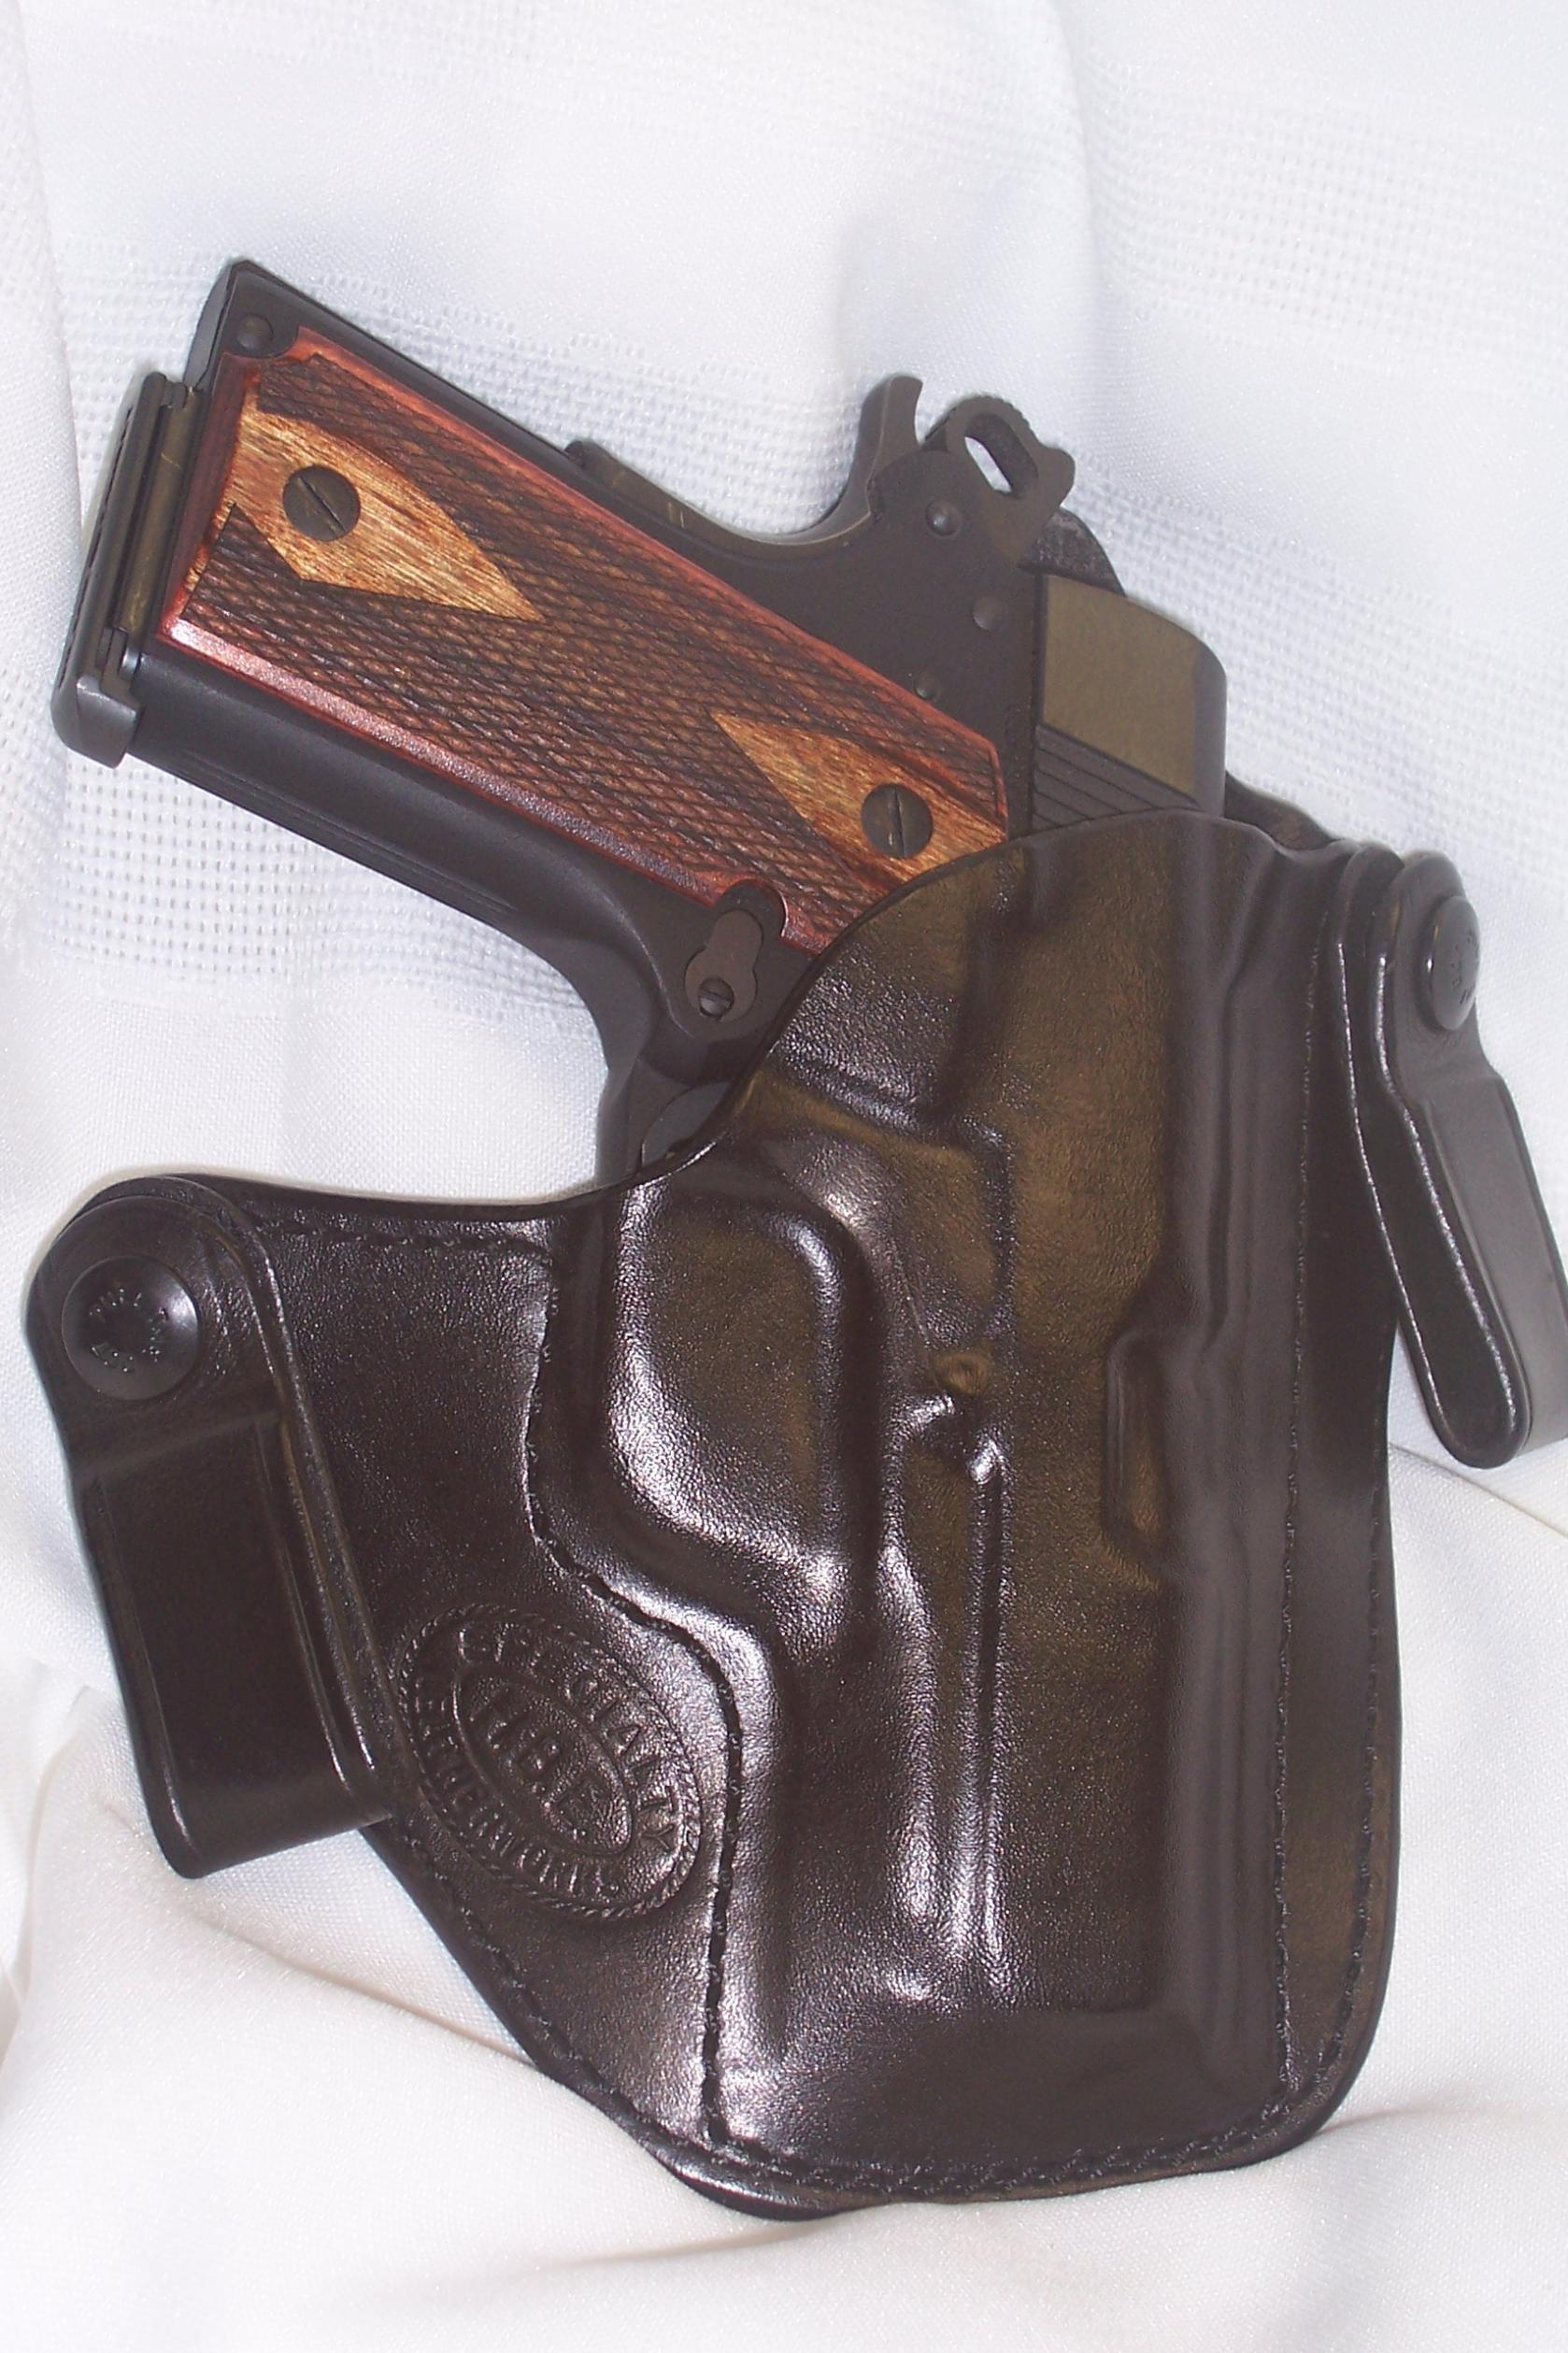 Com3 for Colt New Agent & a story...-100_3120.jpg